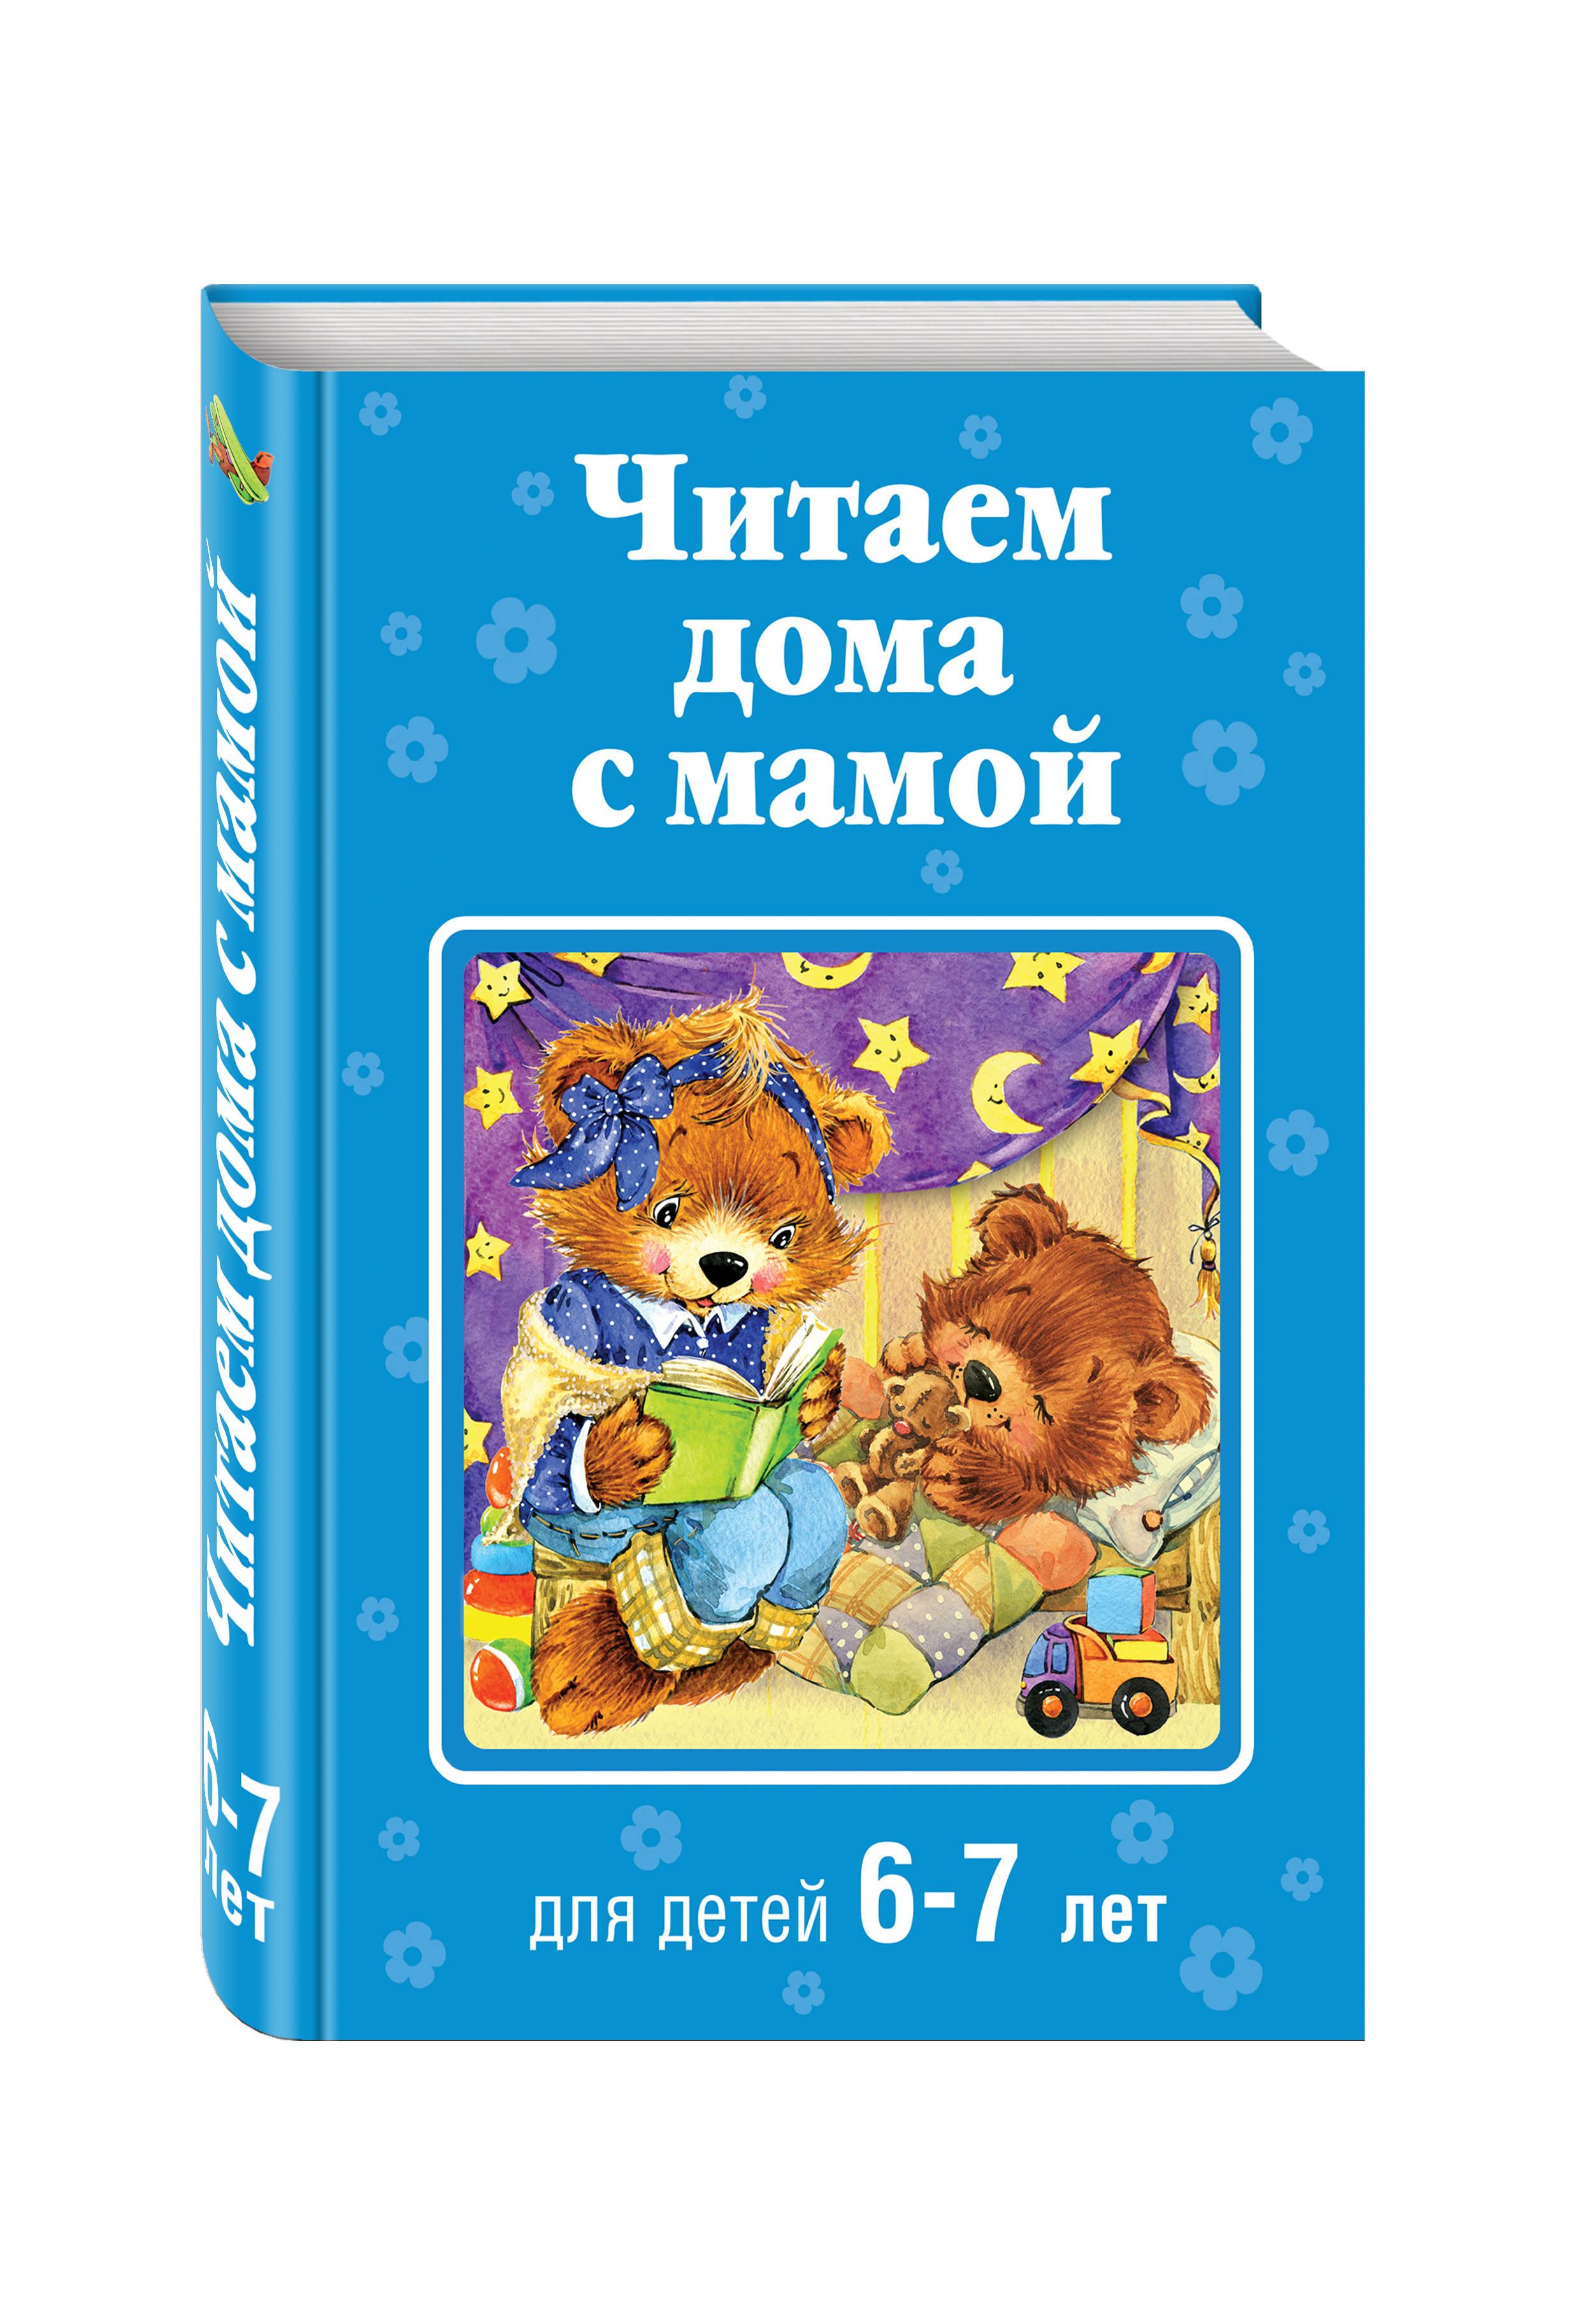 Читаем дома с мамой: для детей 6-7 лет ( Яснов М.Д., Чуковский К.И., Берестов В.Д.  )